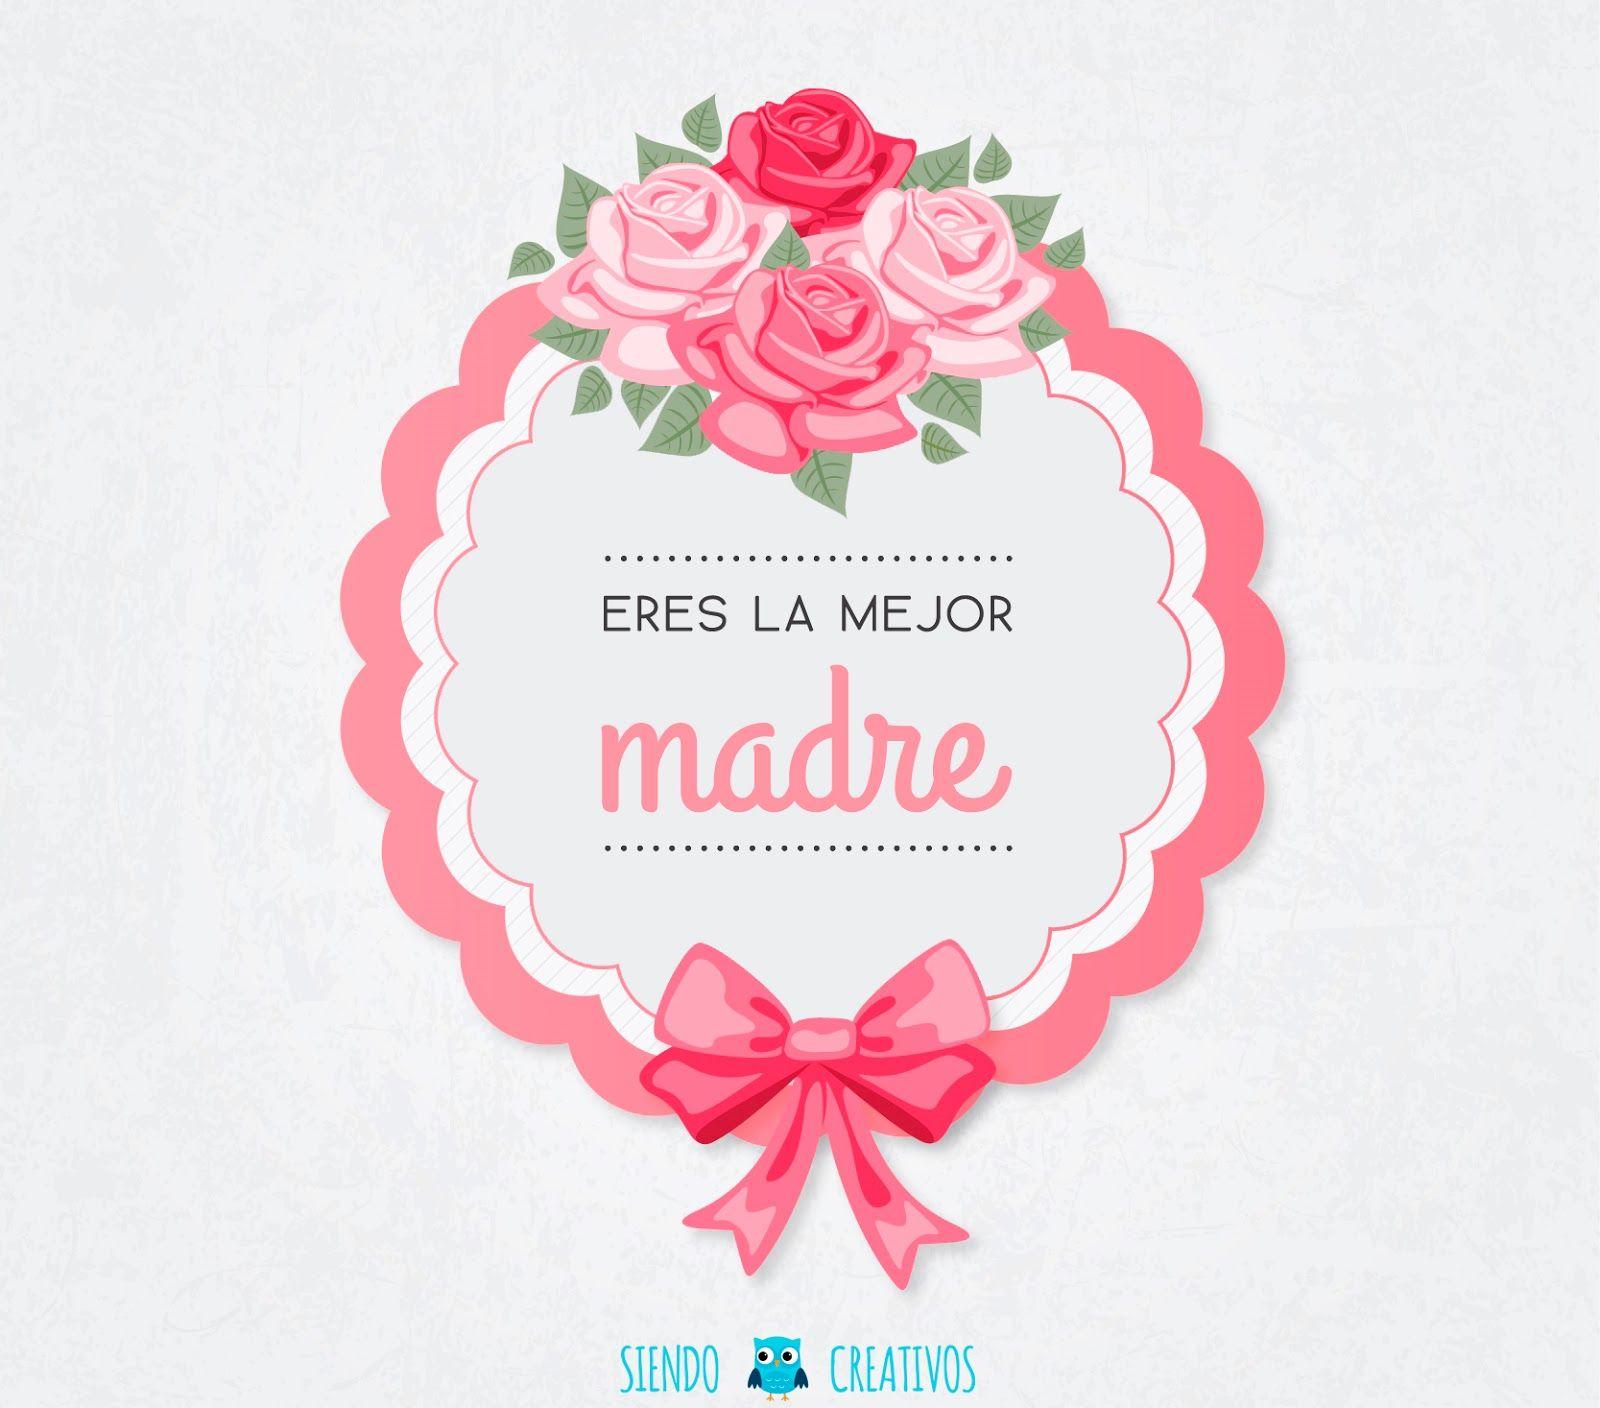 15 Laminas Creativas Para Felicitar El Dia De La Madre Con